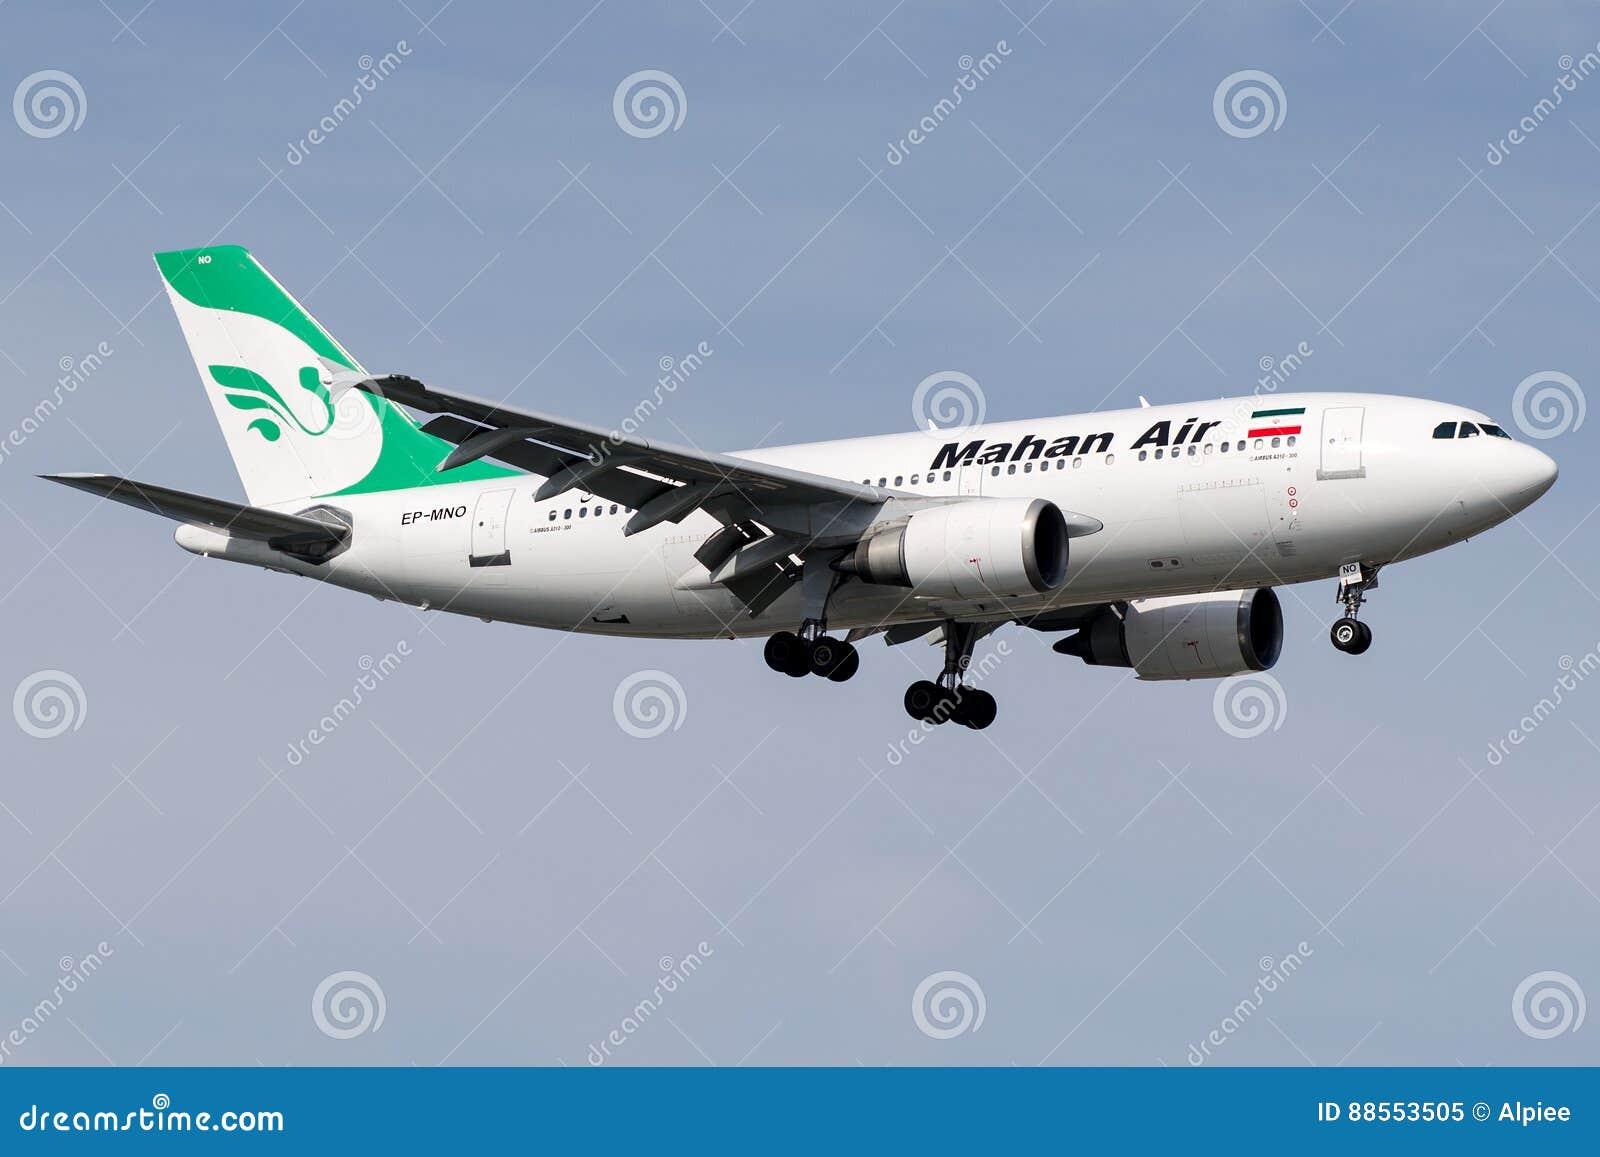 EP-MNO Mahan Air , Airbus A310 - 300 Editorial Image - Image